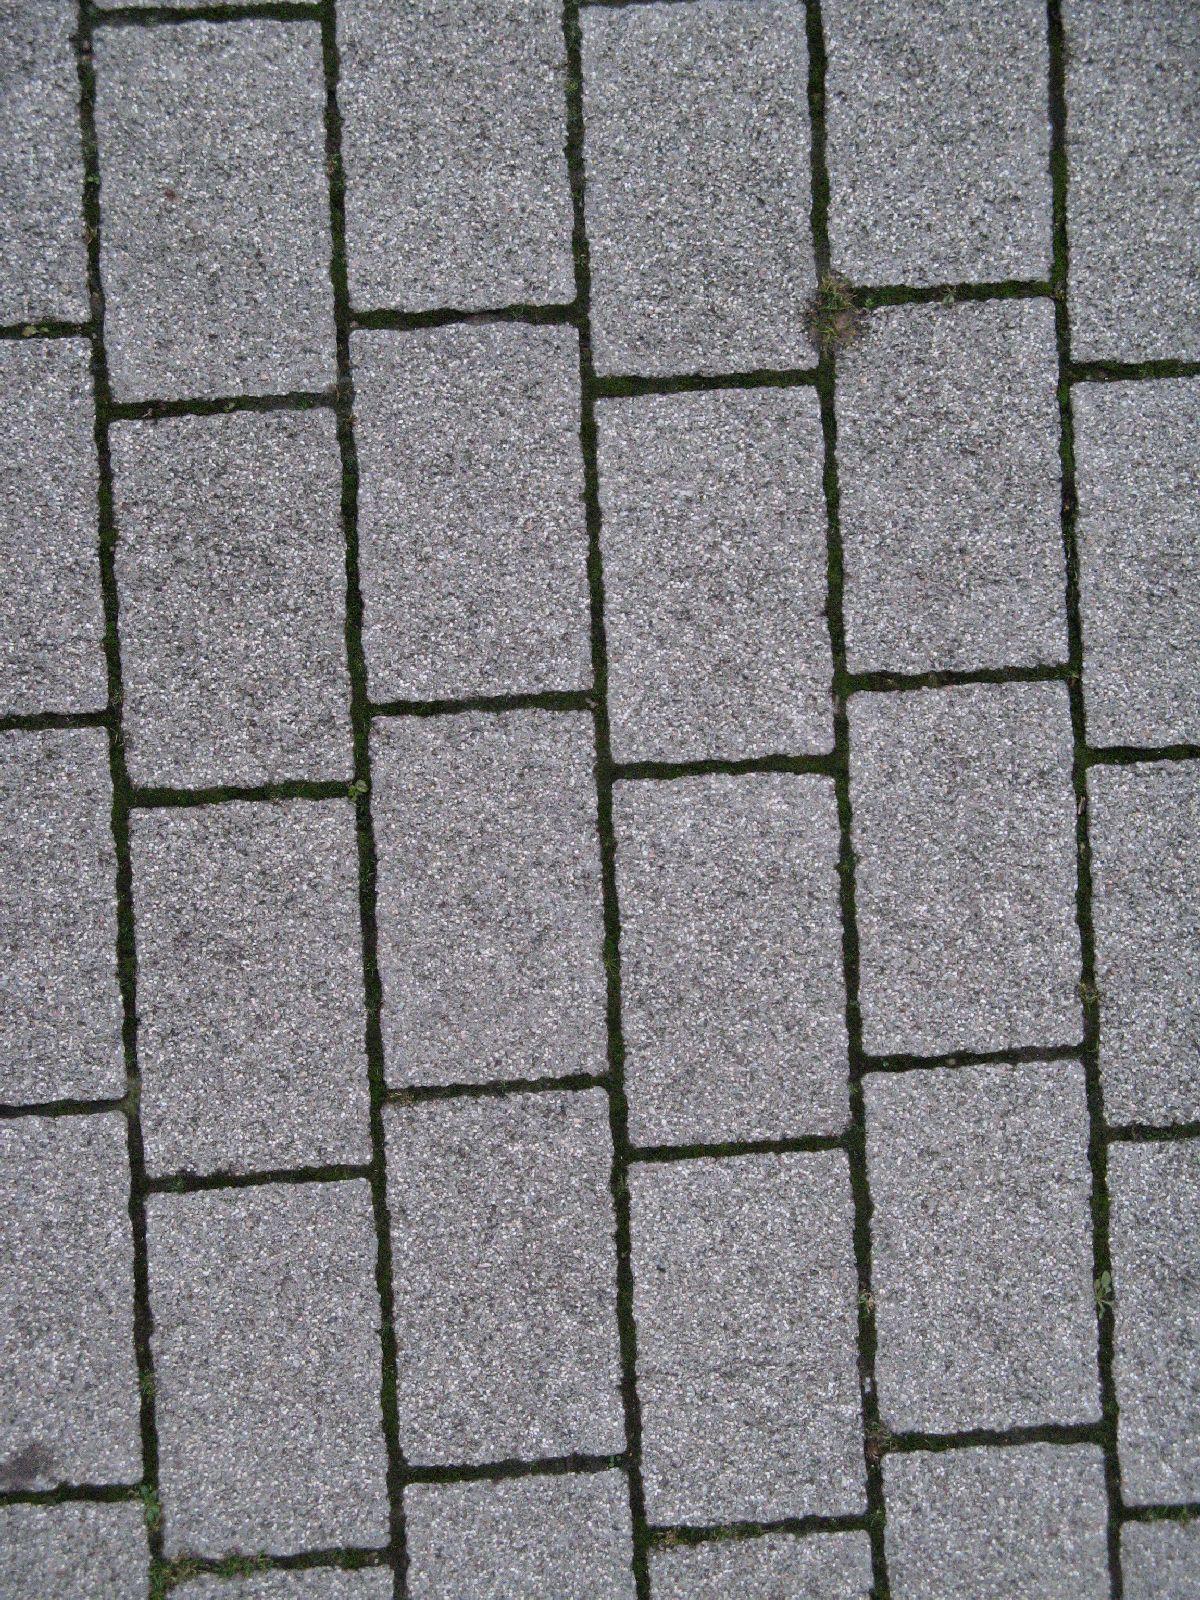 Ground-Urban_Texture_B_02272